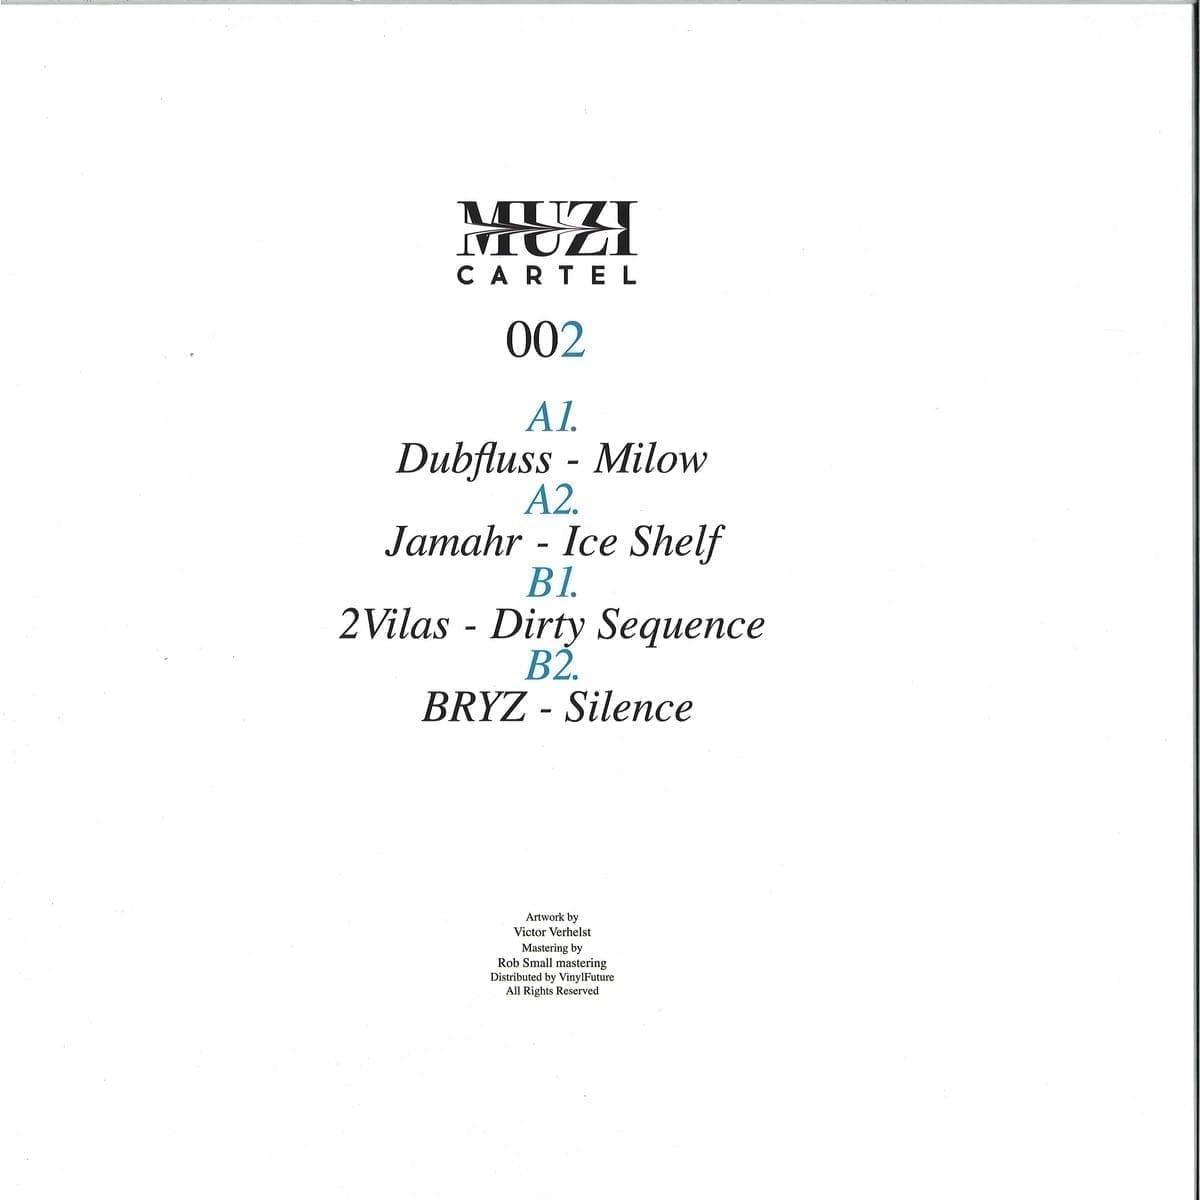 Various Artists - MUZI cartel 002 [MUZI cartel] back